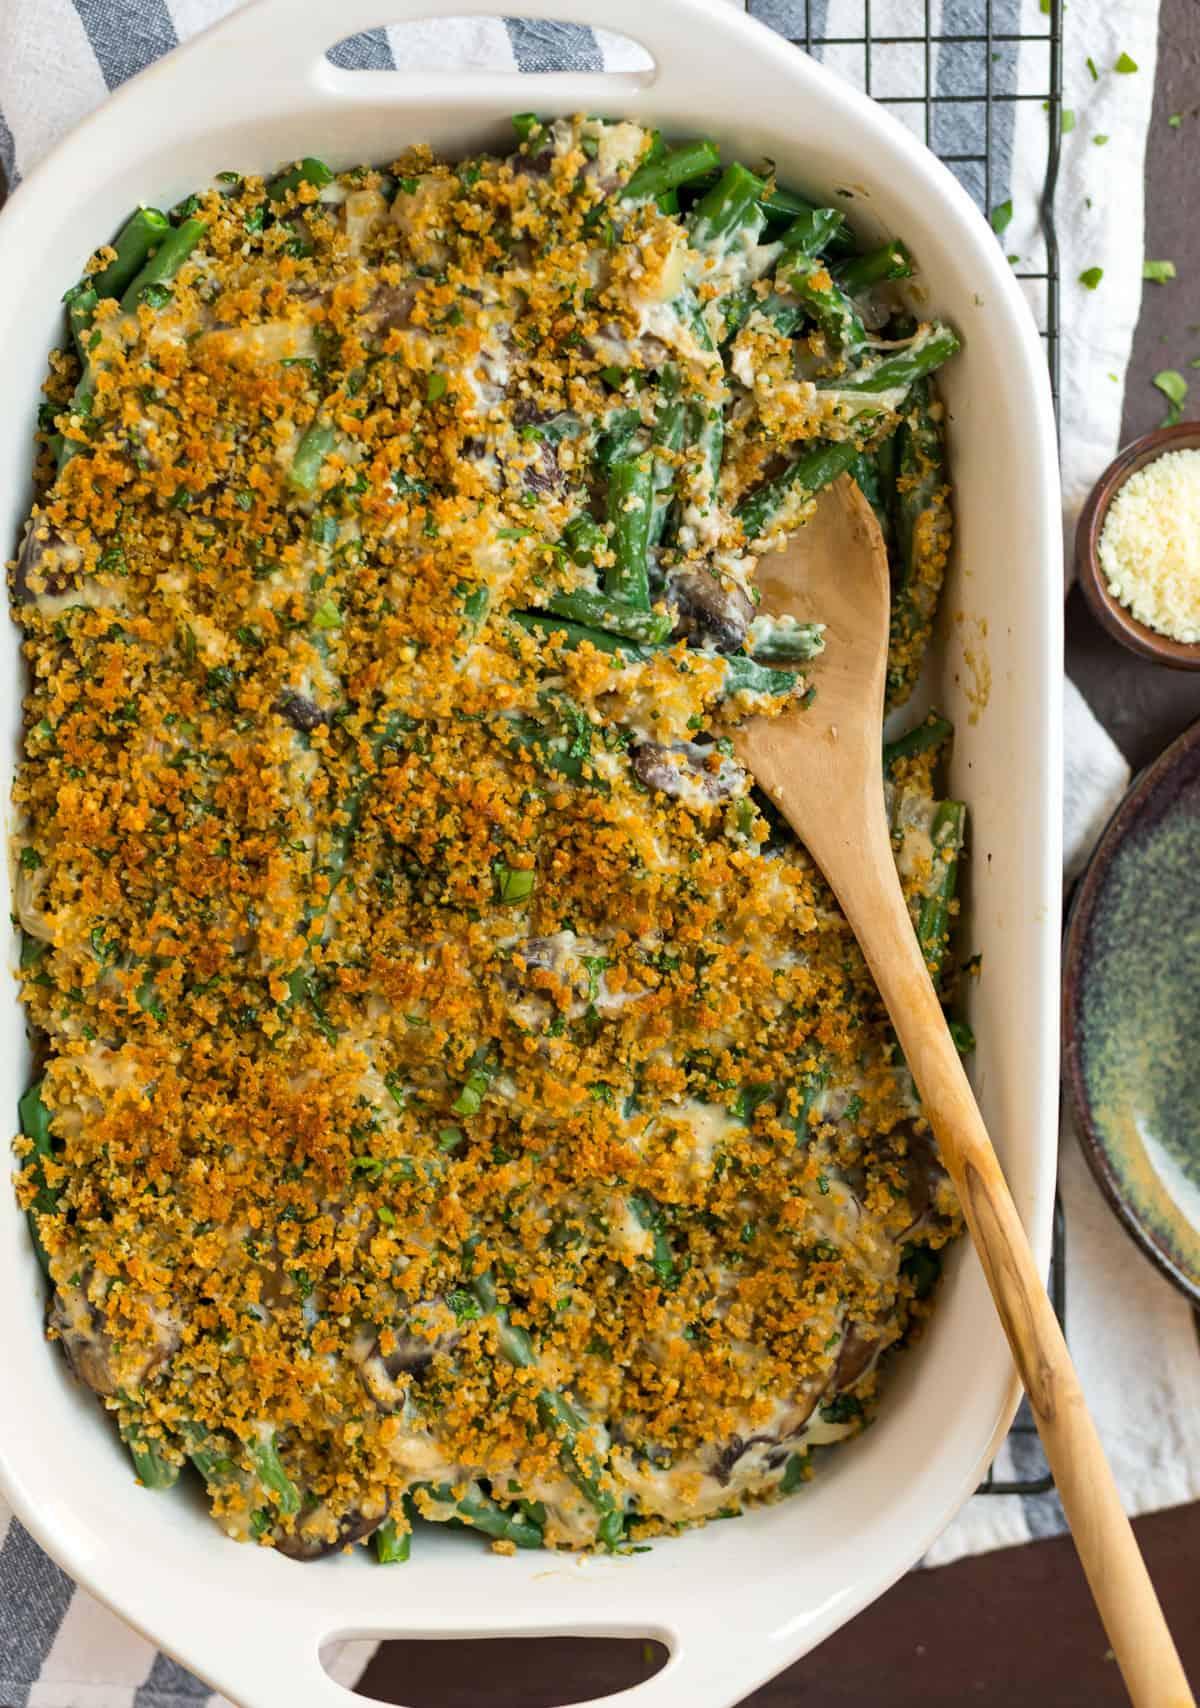 Cazuela de judías verdes saludables con champiñones